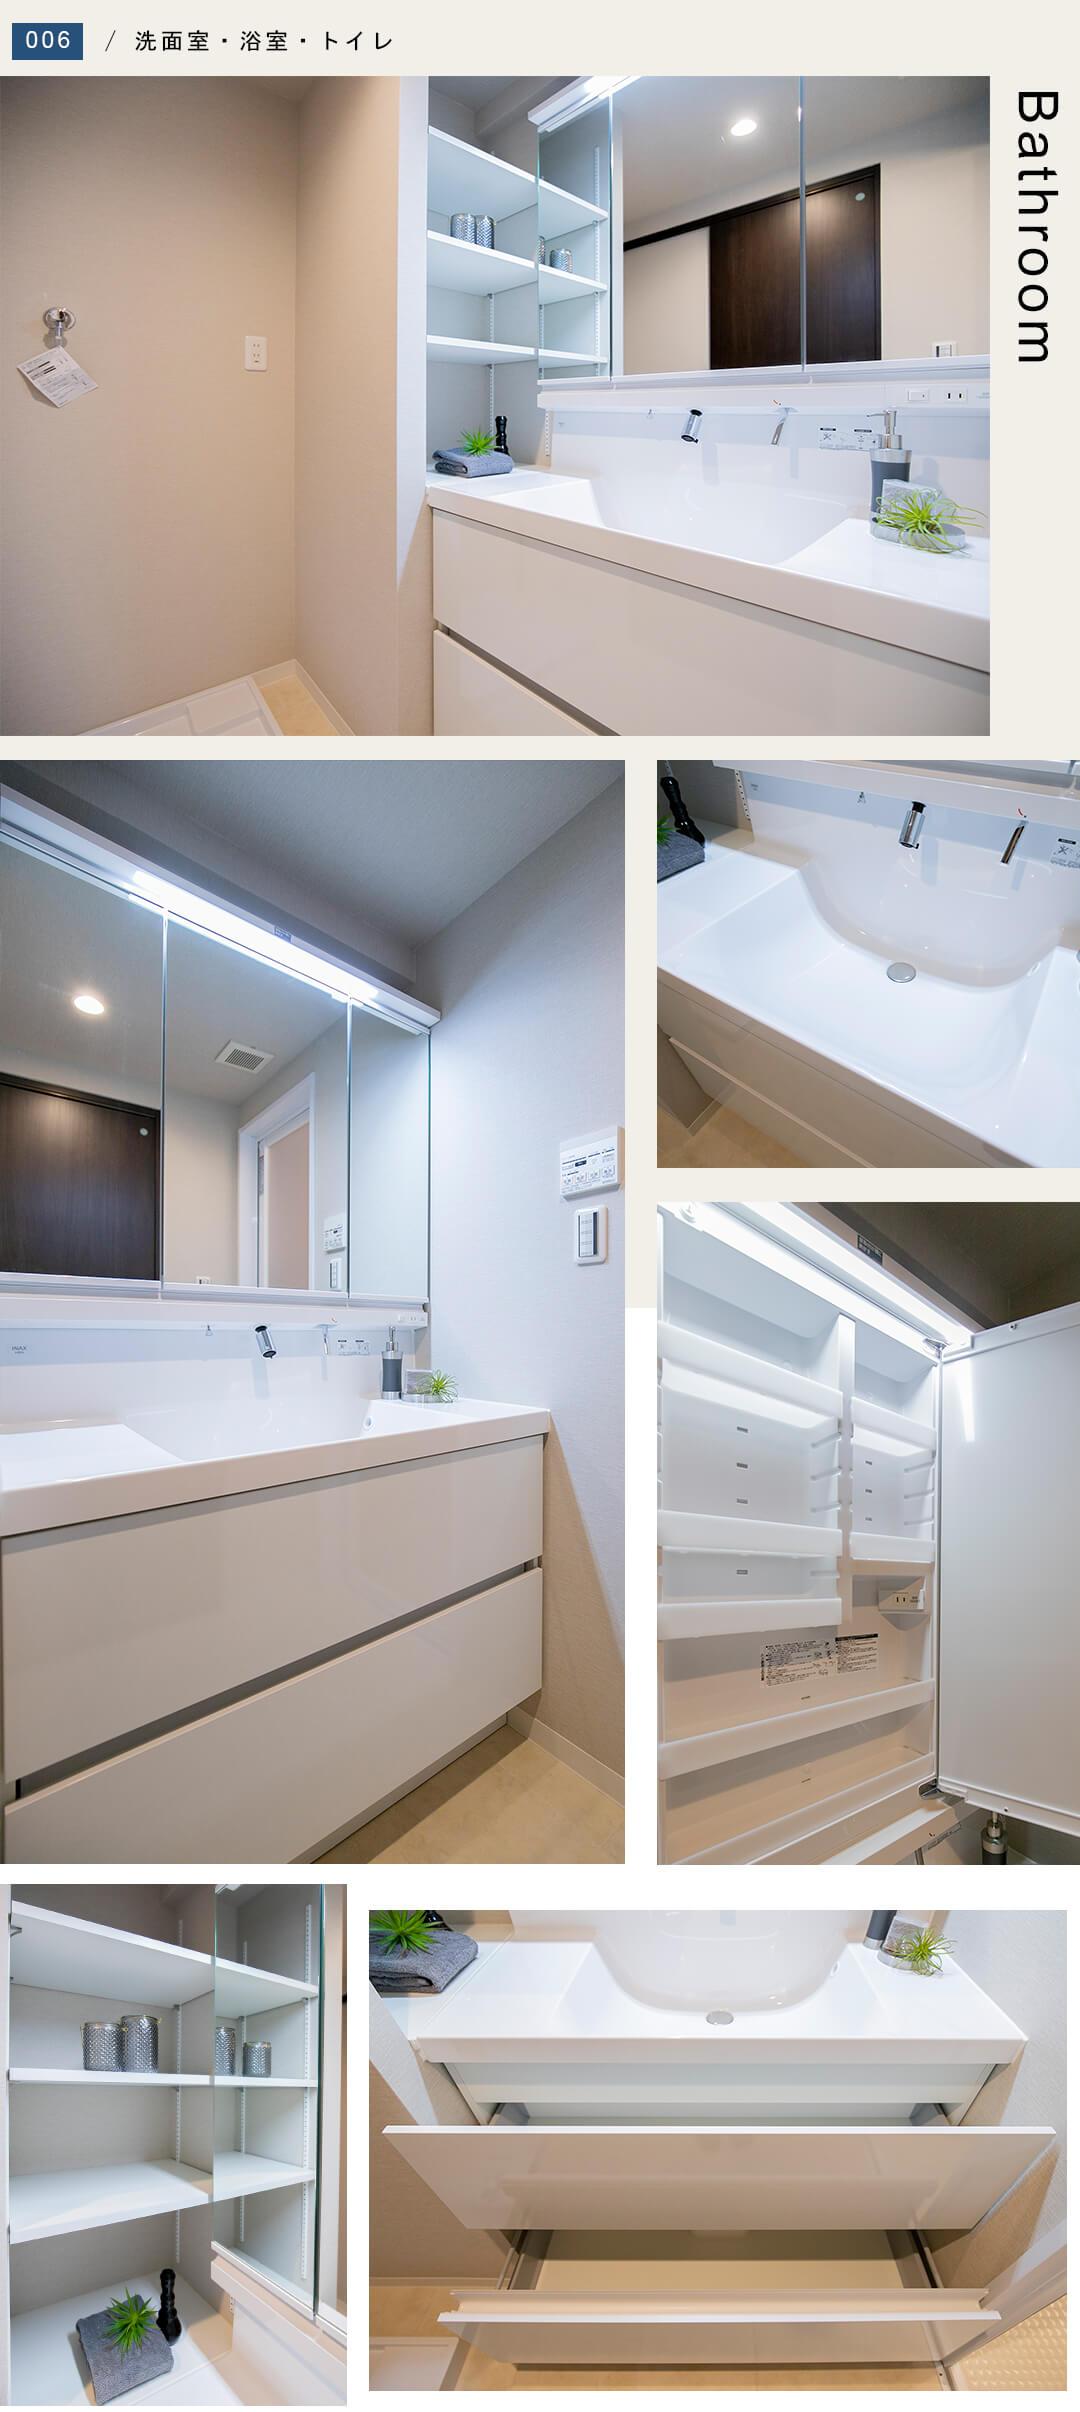 高田馬場デュープレックスⅡの洗面室